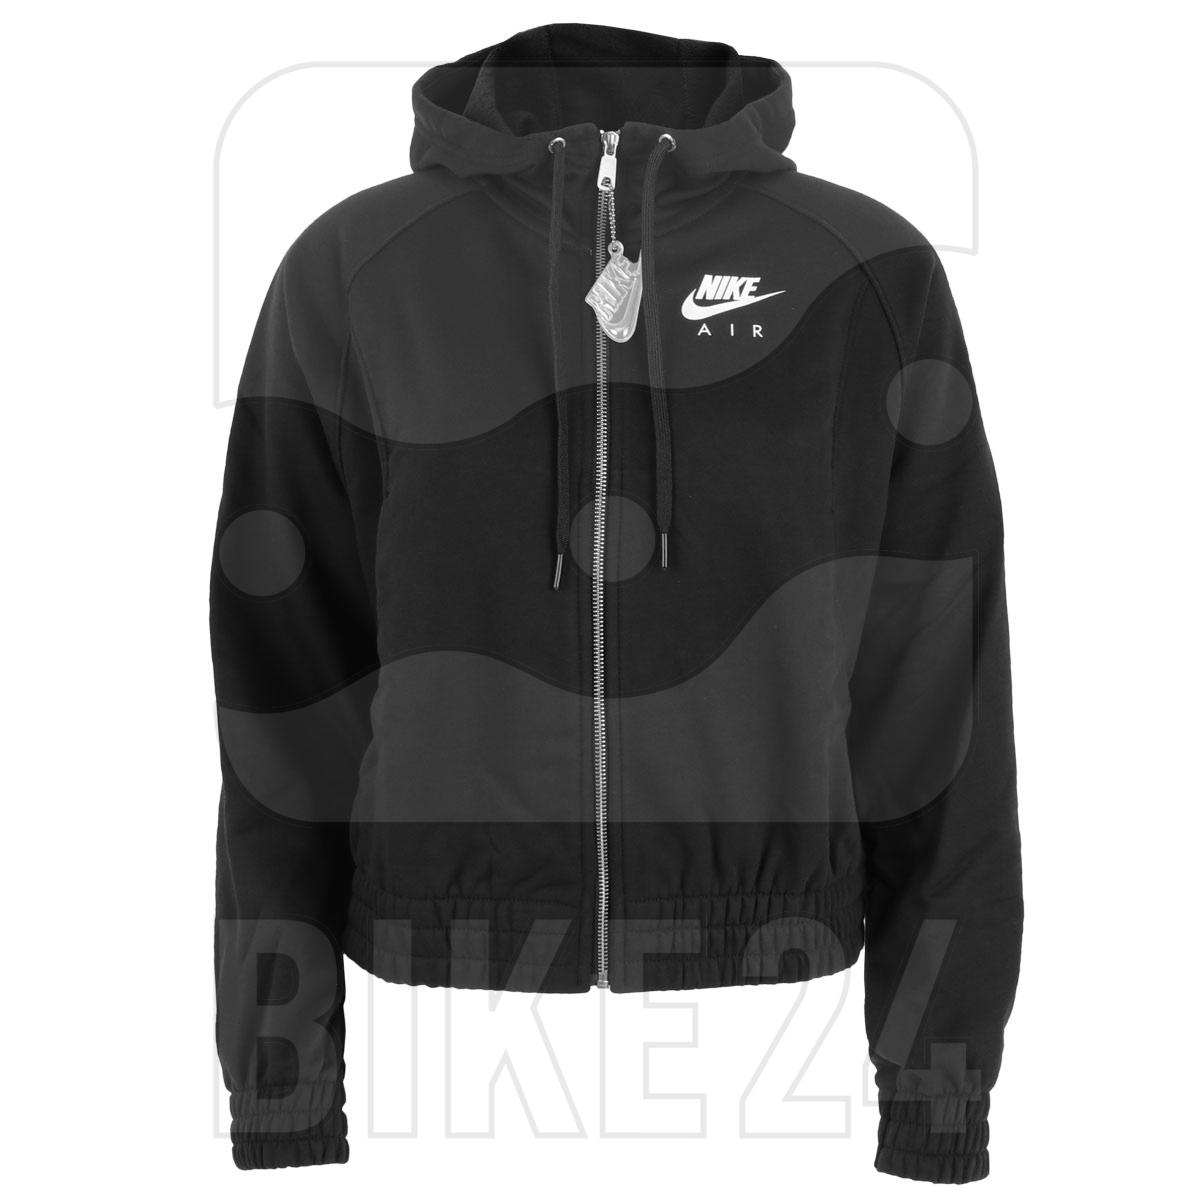 Nike Air Women's Full-Zip Fleece Hoodie - black/white CU5442-010